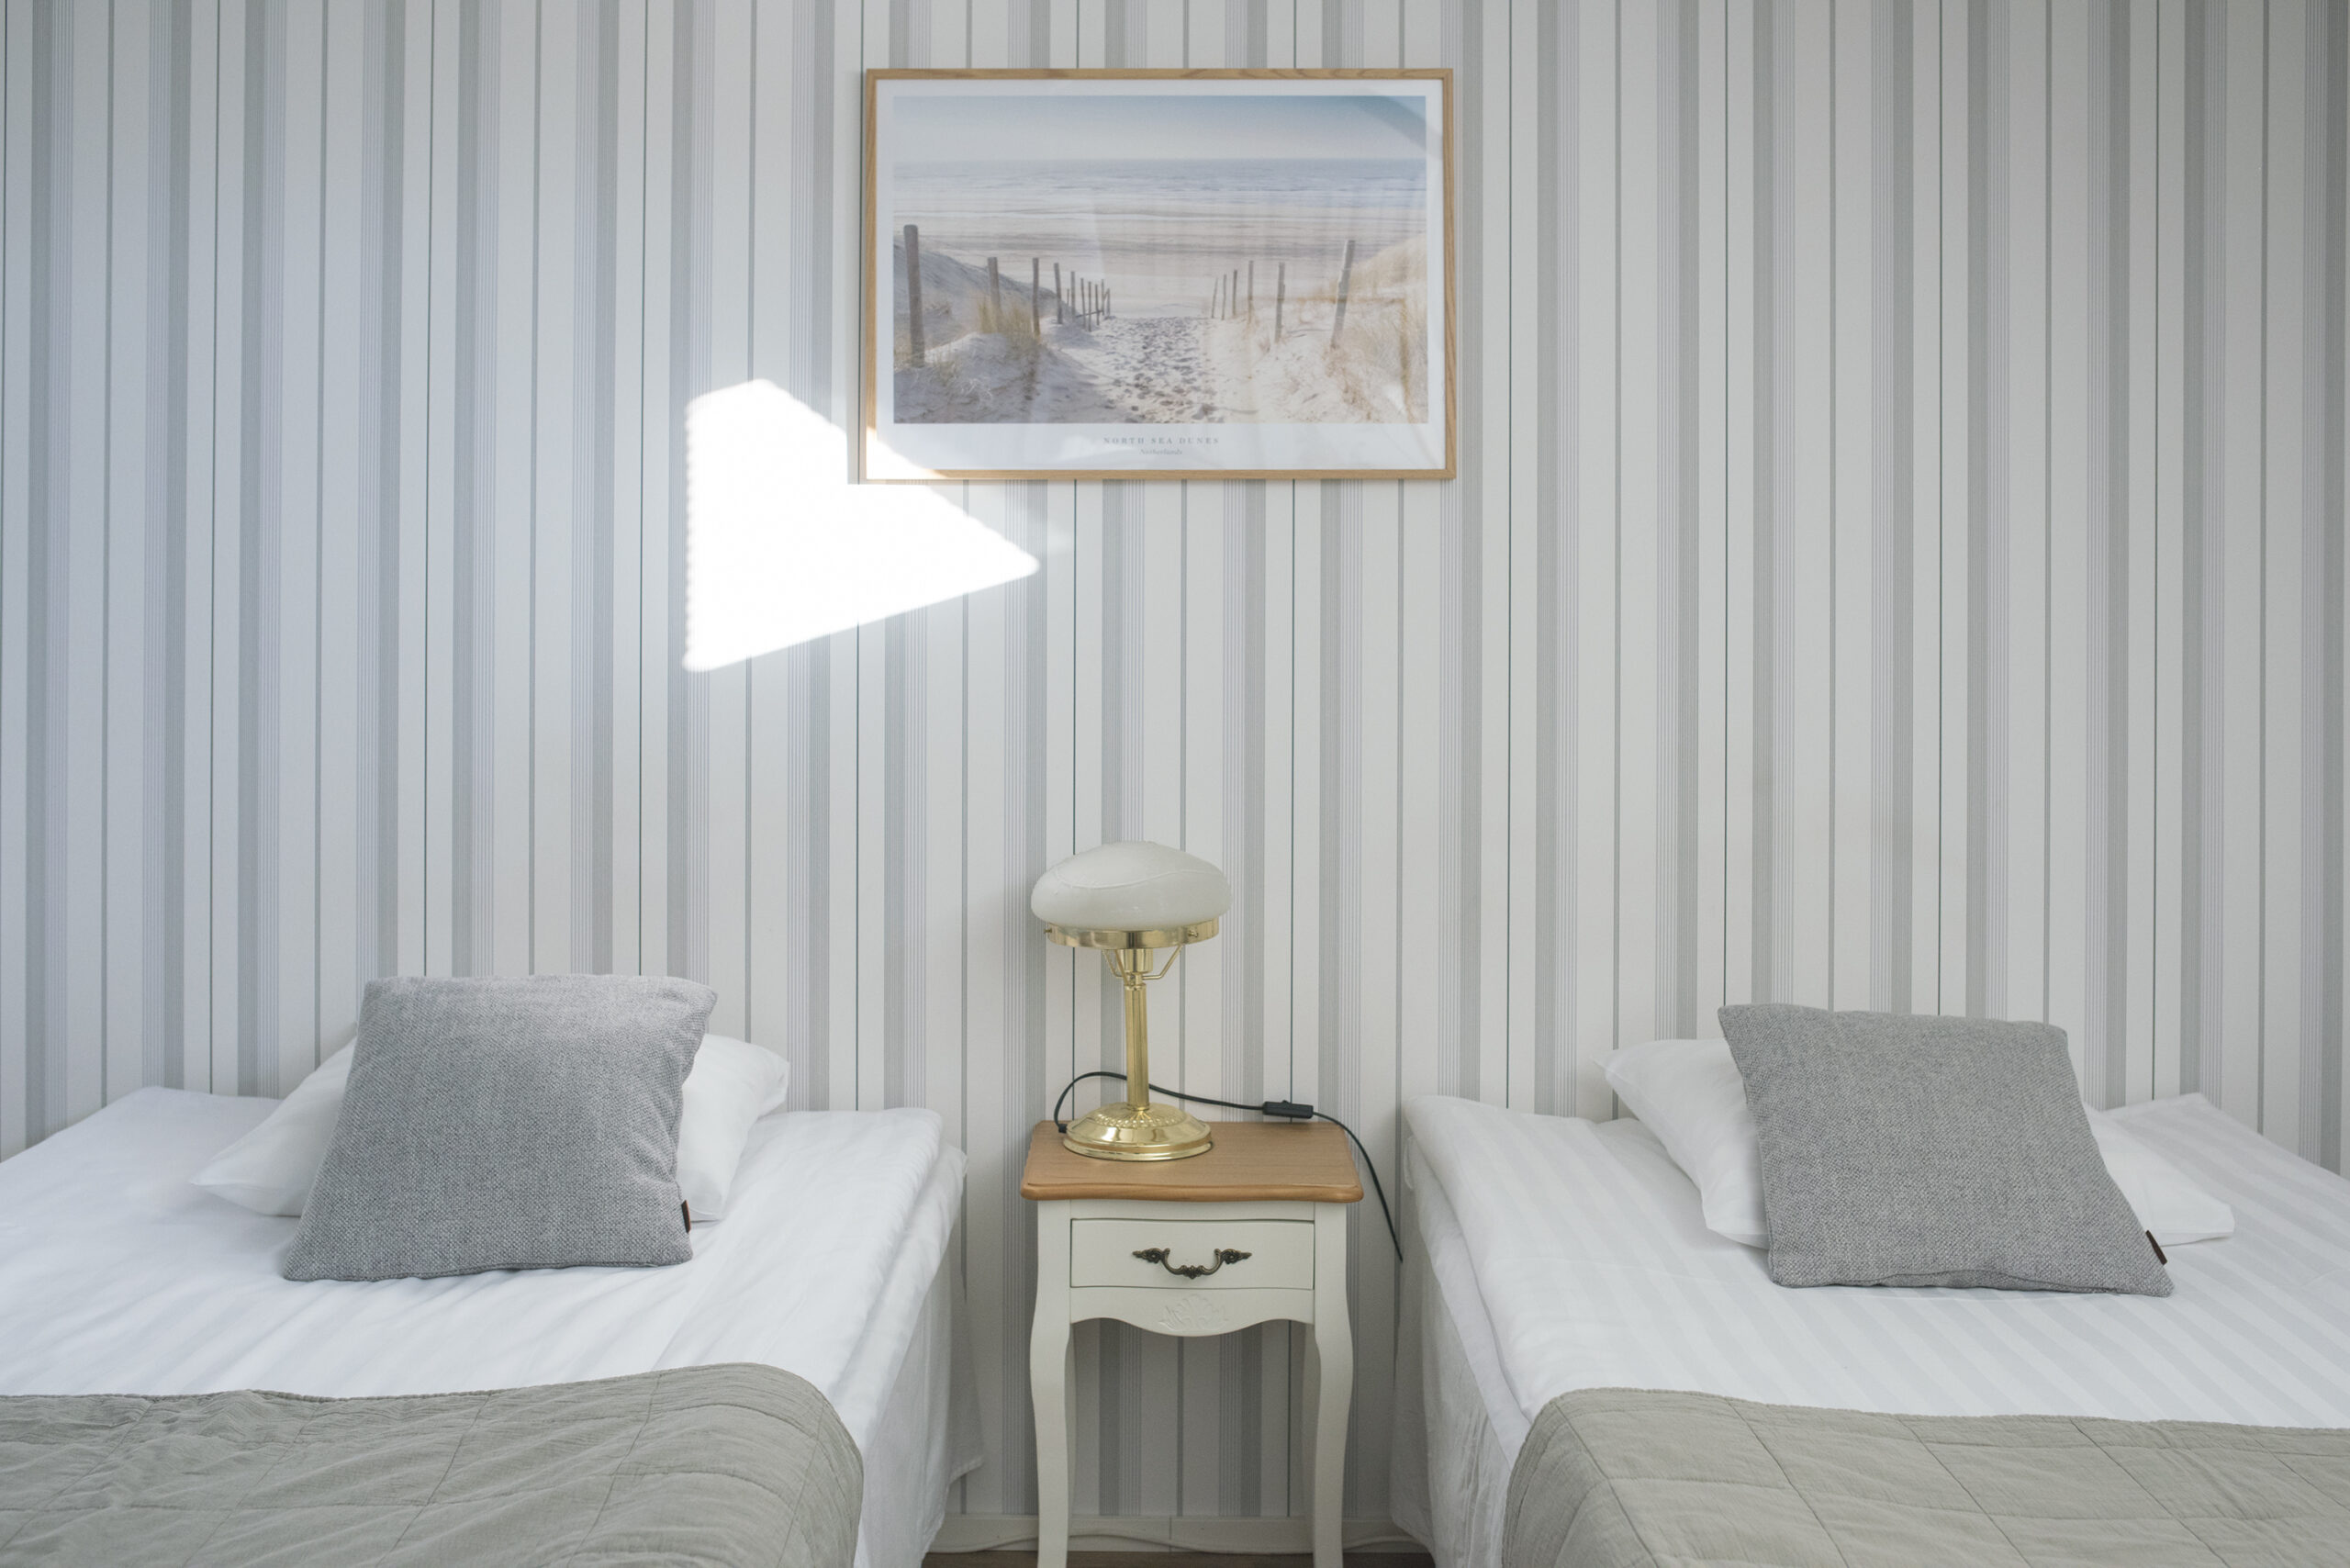 kahden hengen hotellihuone jossa erilliset pedit